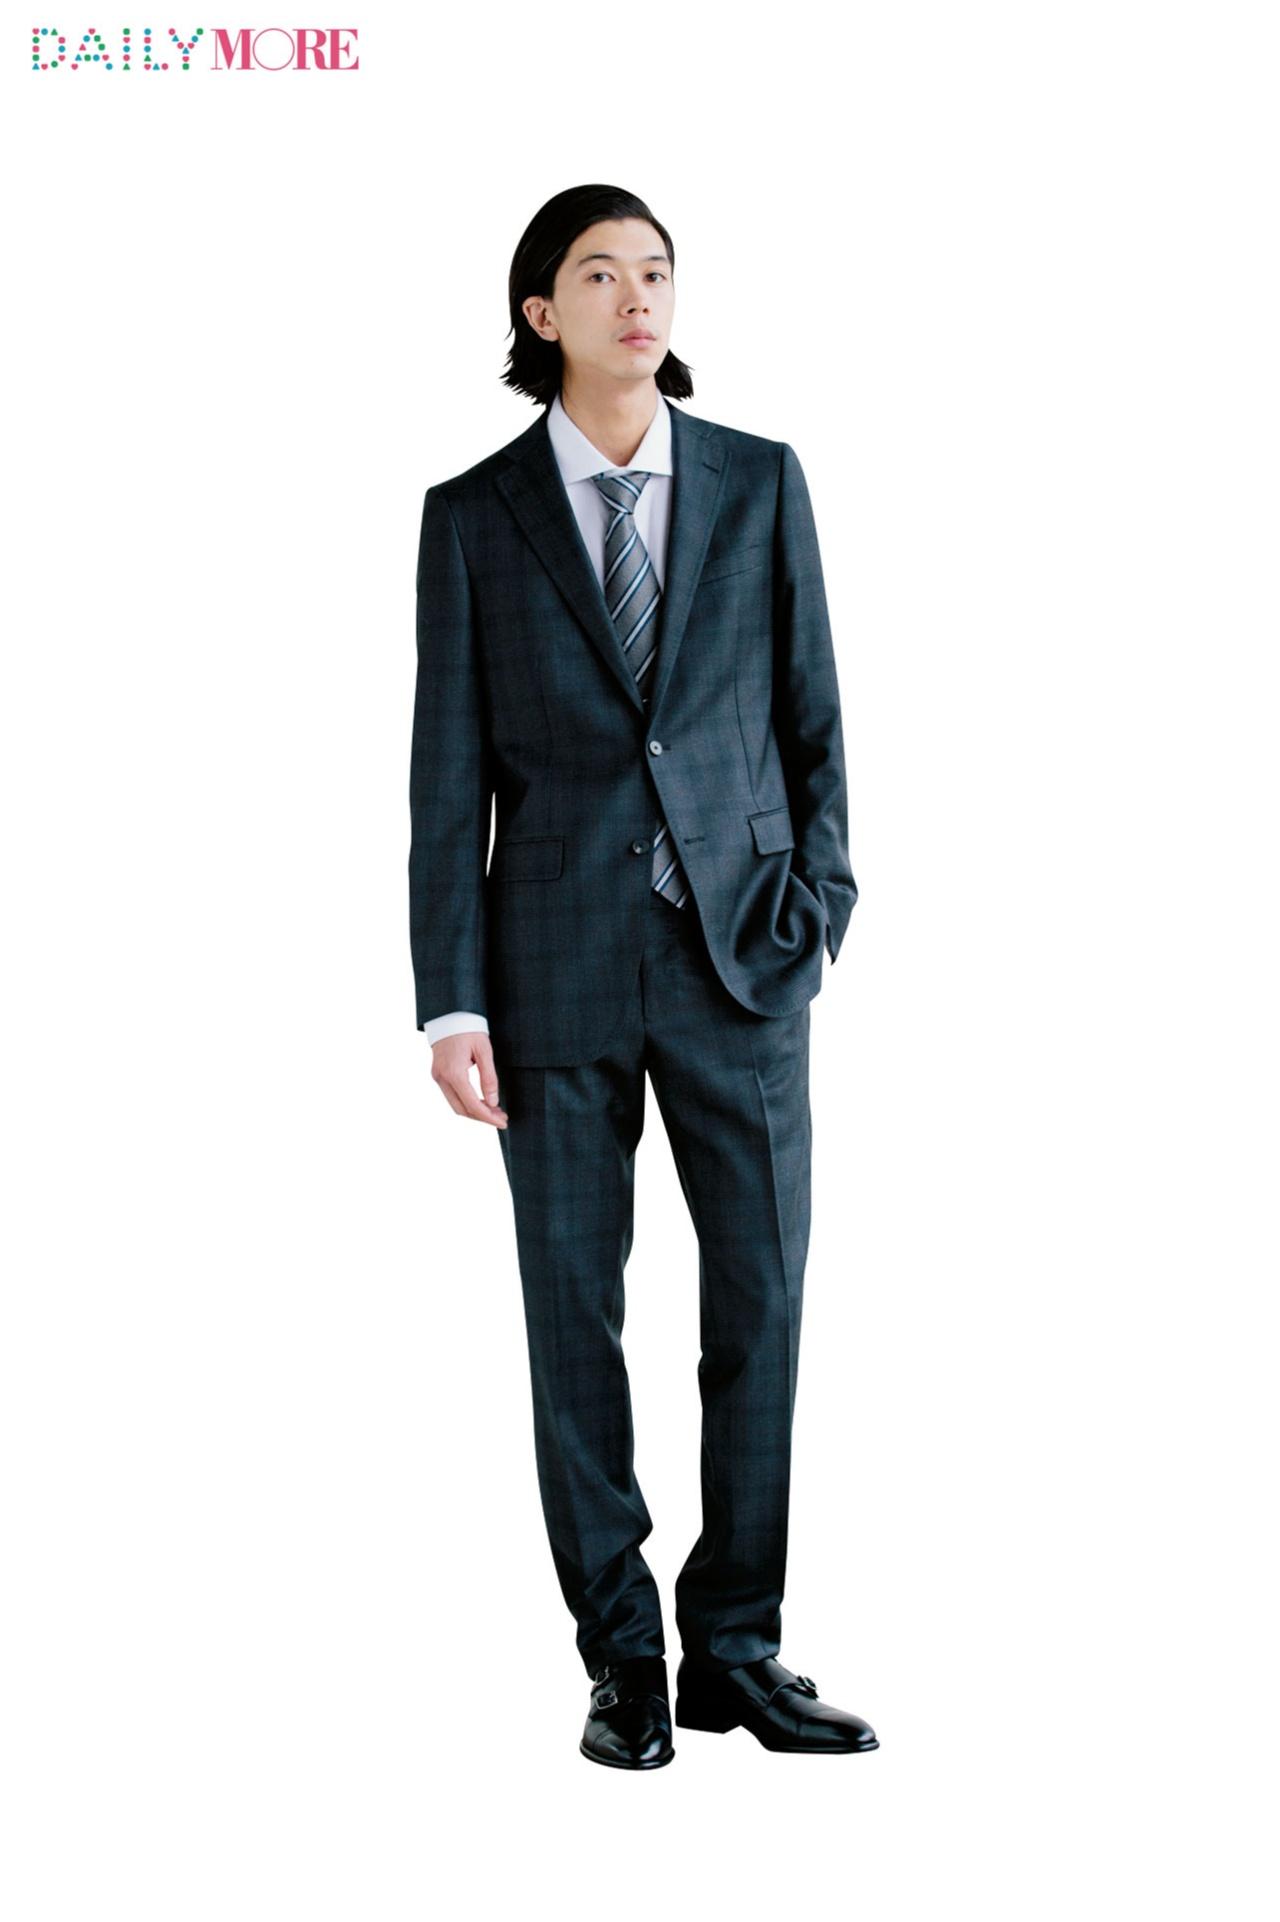 """「スーツ男子」の彼にもっと愛される、素敵見えデート服のポイントは""""抜け感butきちんと""""♡_1"""